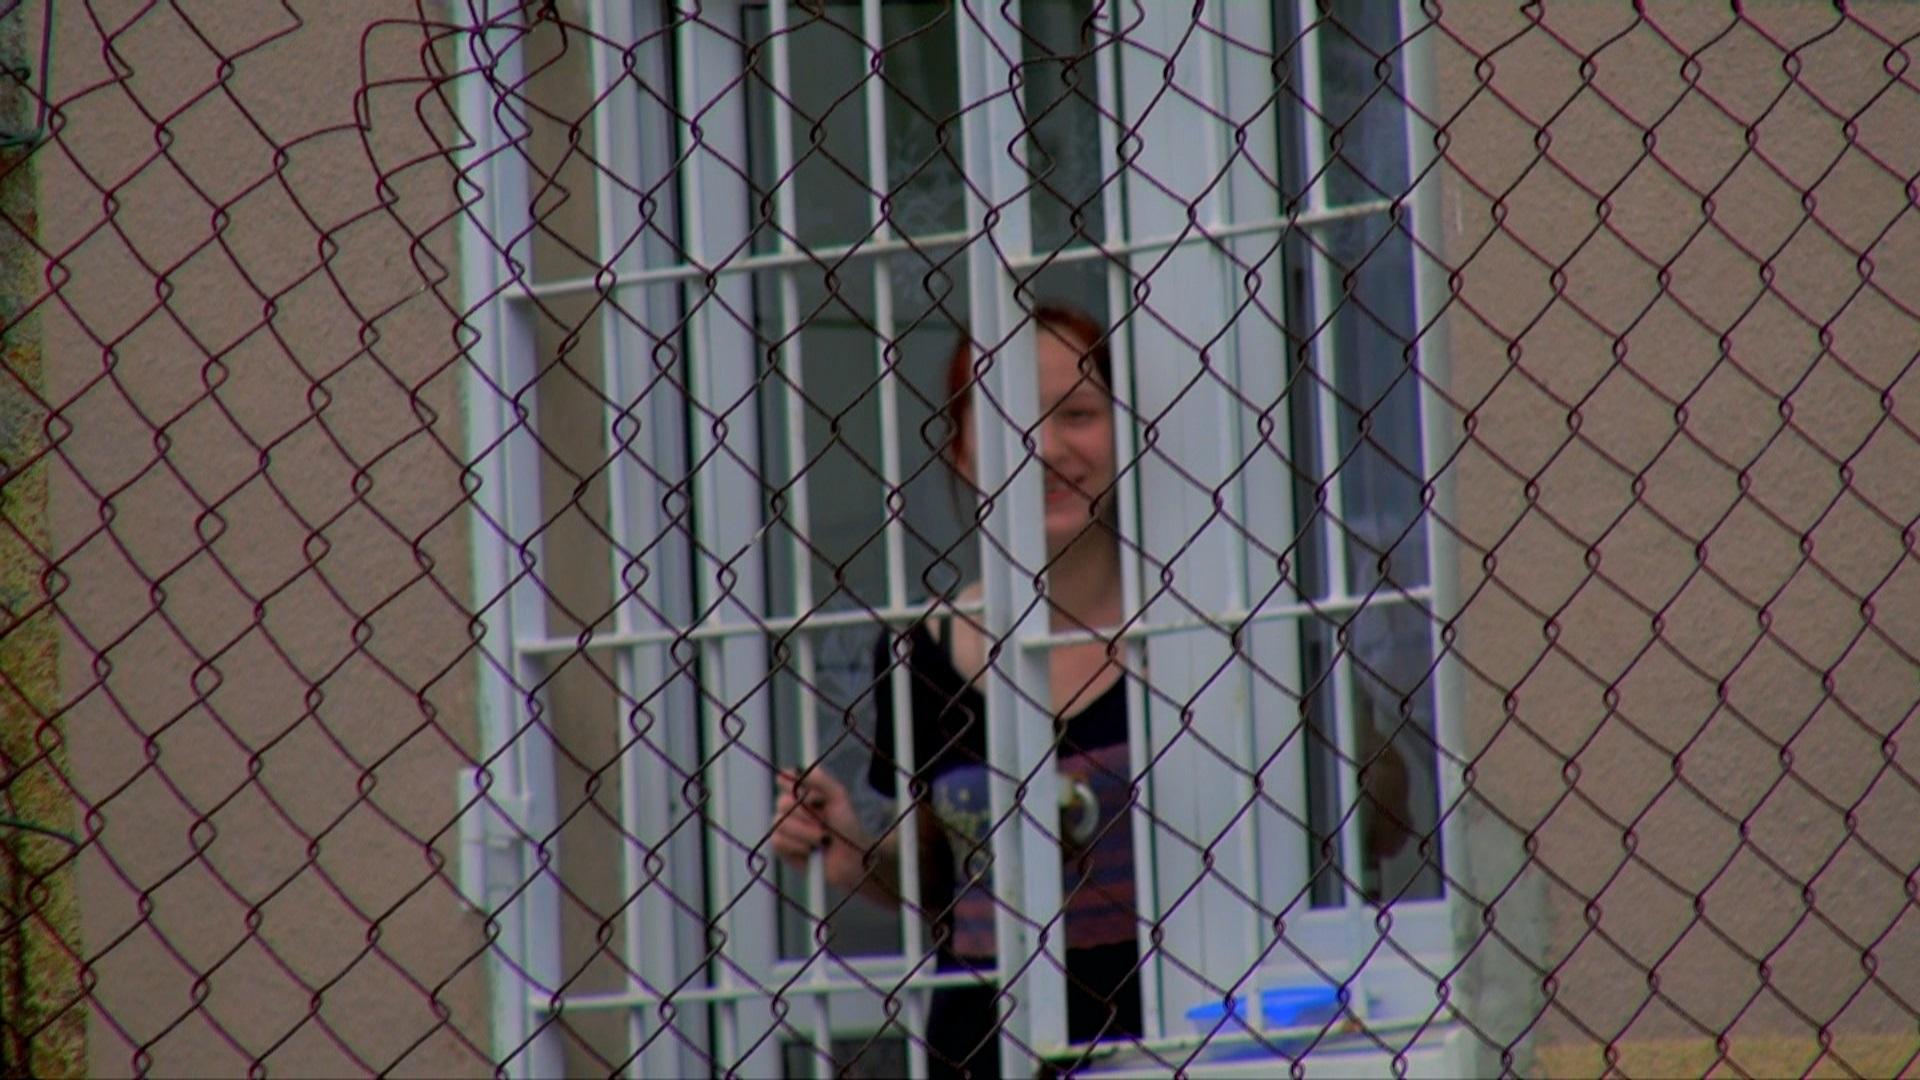 Kobietami za więziennymi kratami